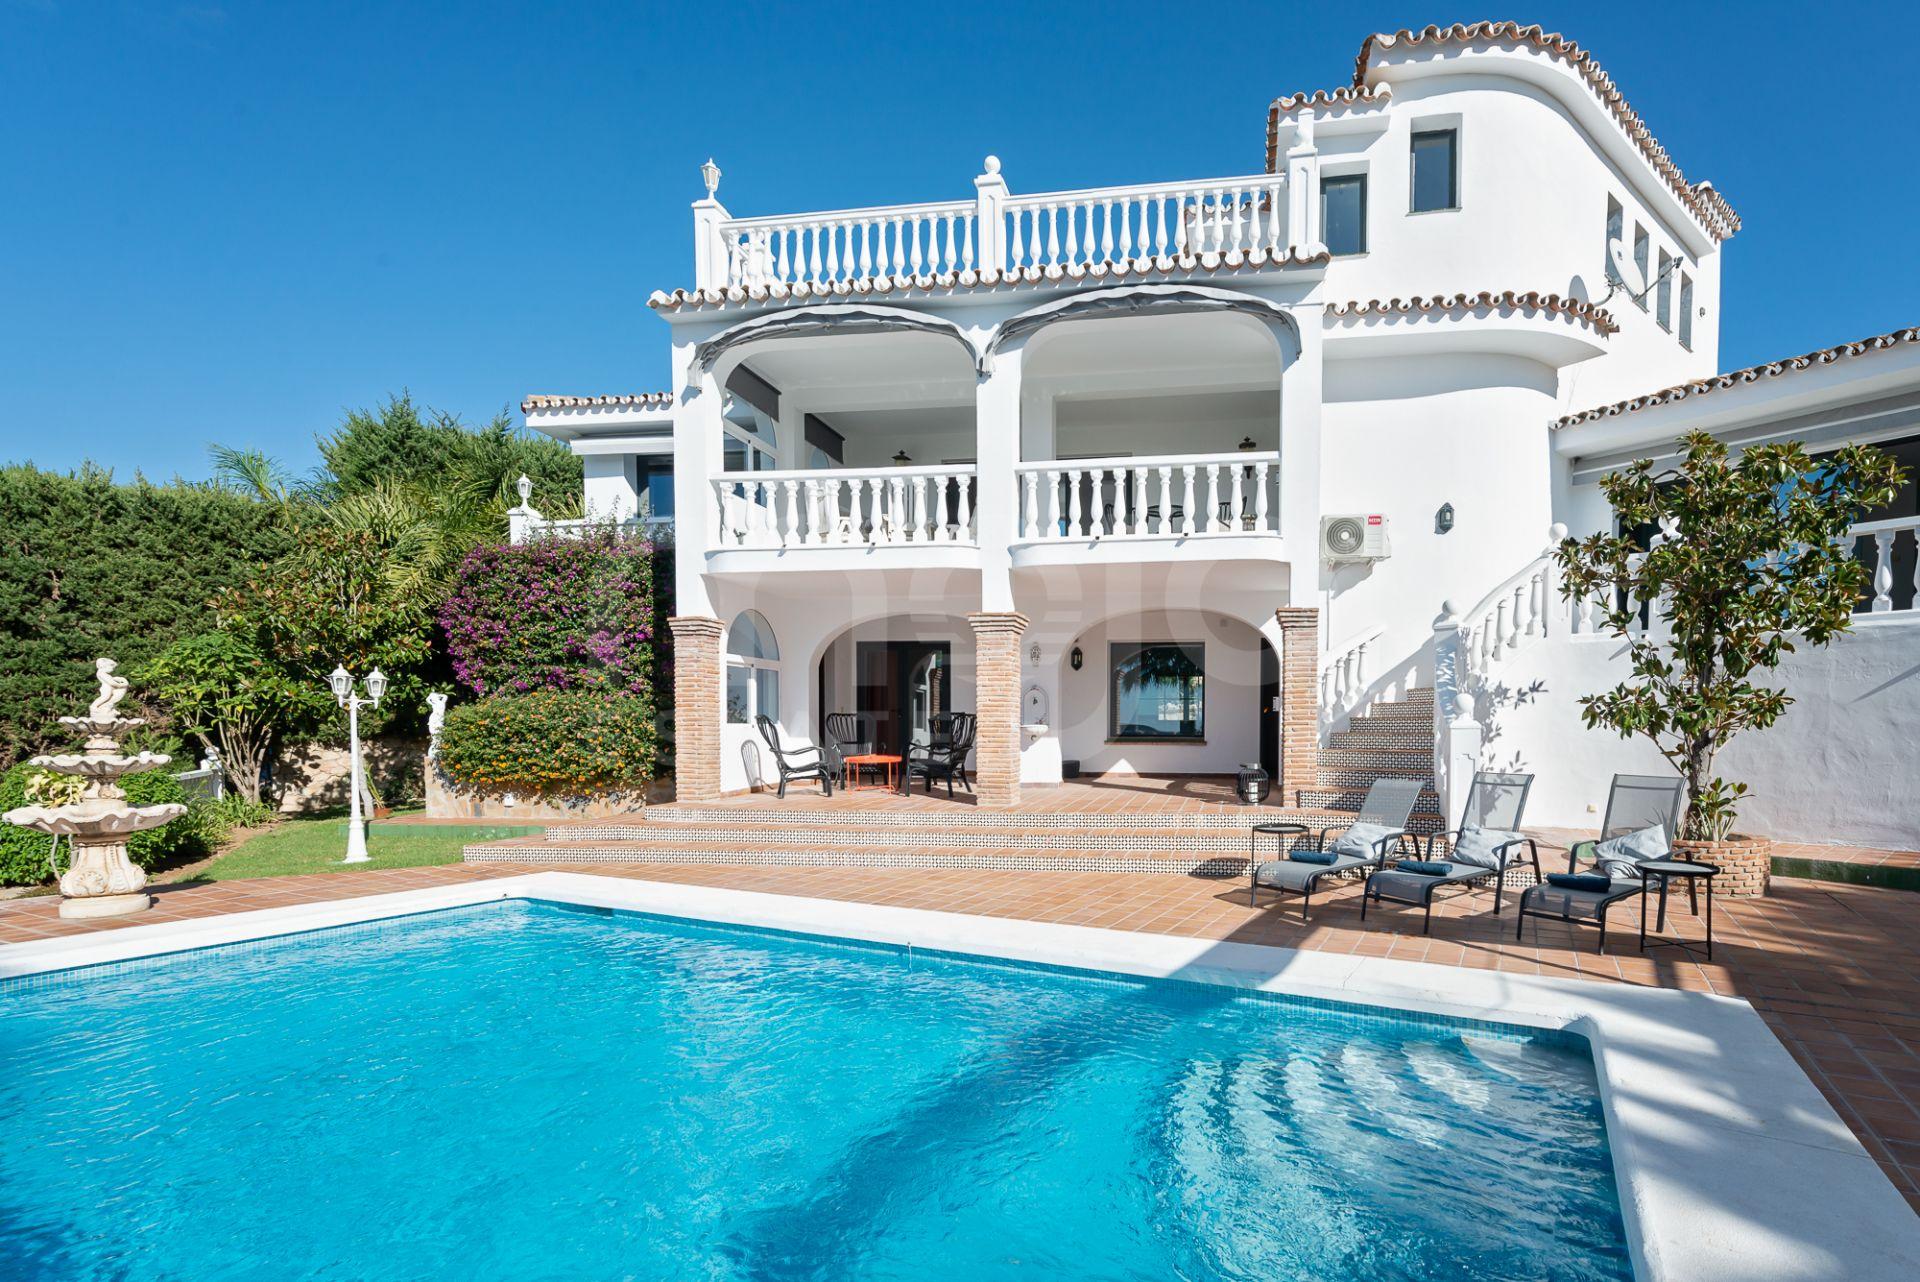 Gran villa de lujo recientemente renovada en Sierrezuela, Mijas Costa con 5 dormitorios, 4 baños y aseo de invitados.